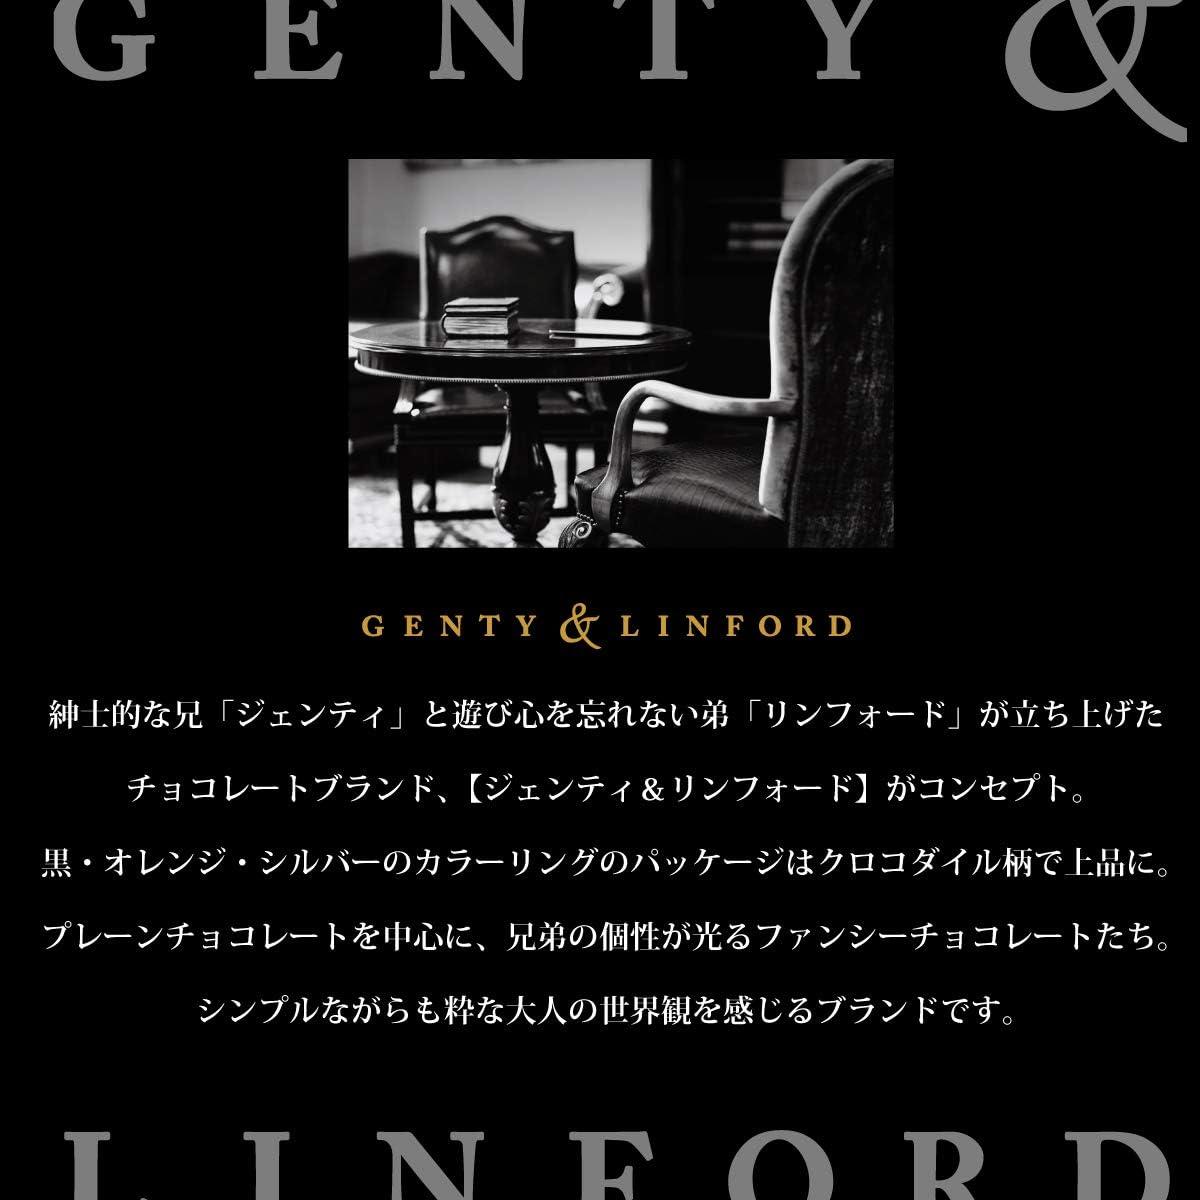 ジェンティ & リン フォード